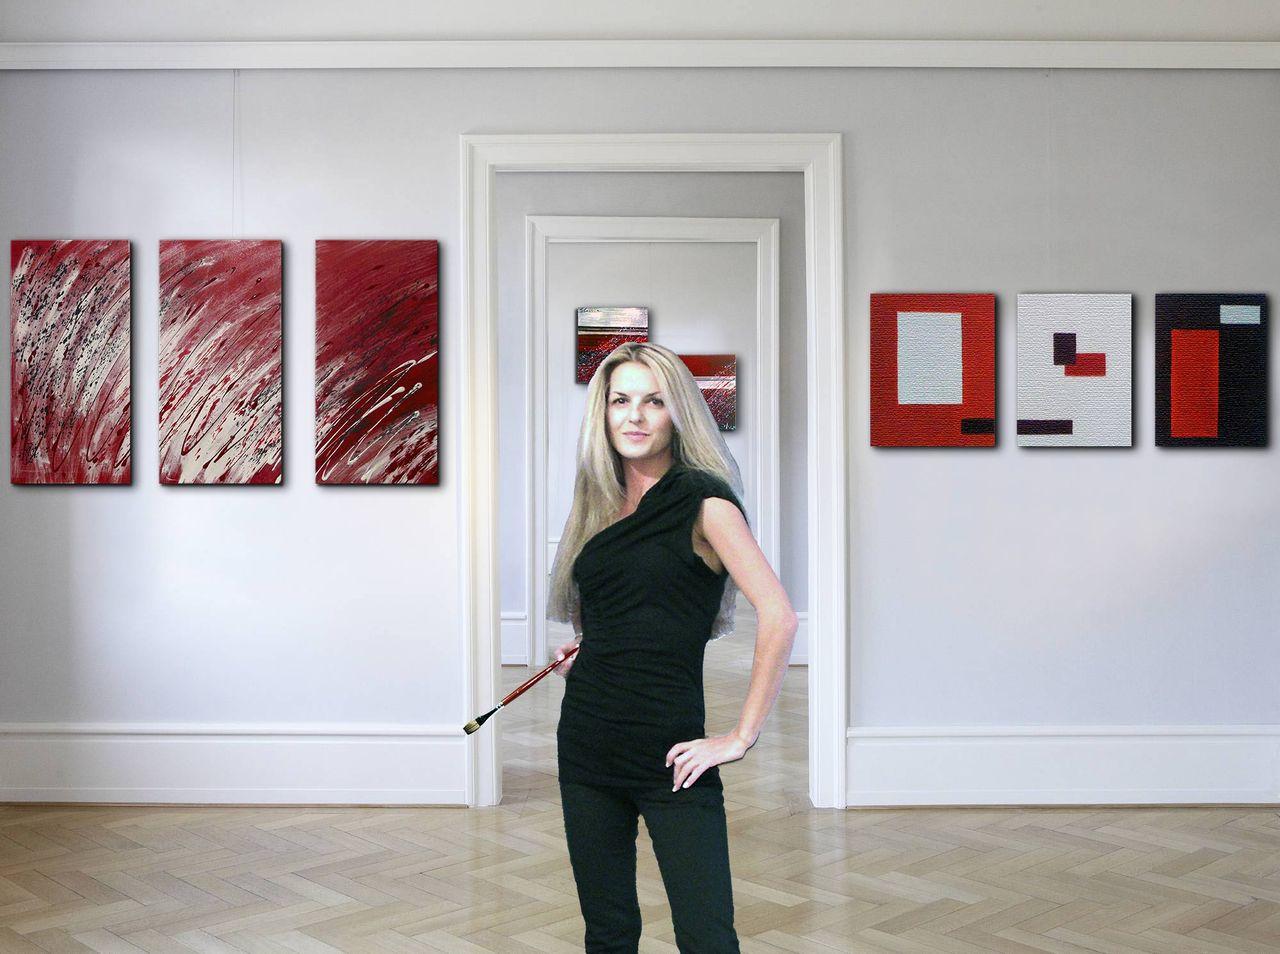 Mehrteilige Bilder Kuche : Wandbilder mehrteilig Slavova mehrteilige wandbilder  Bild  Kunst